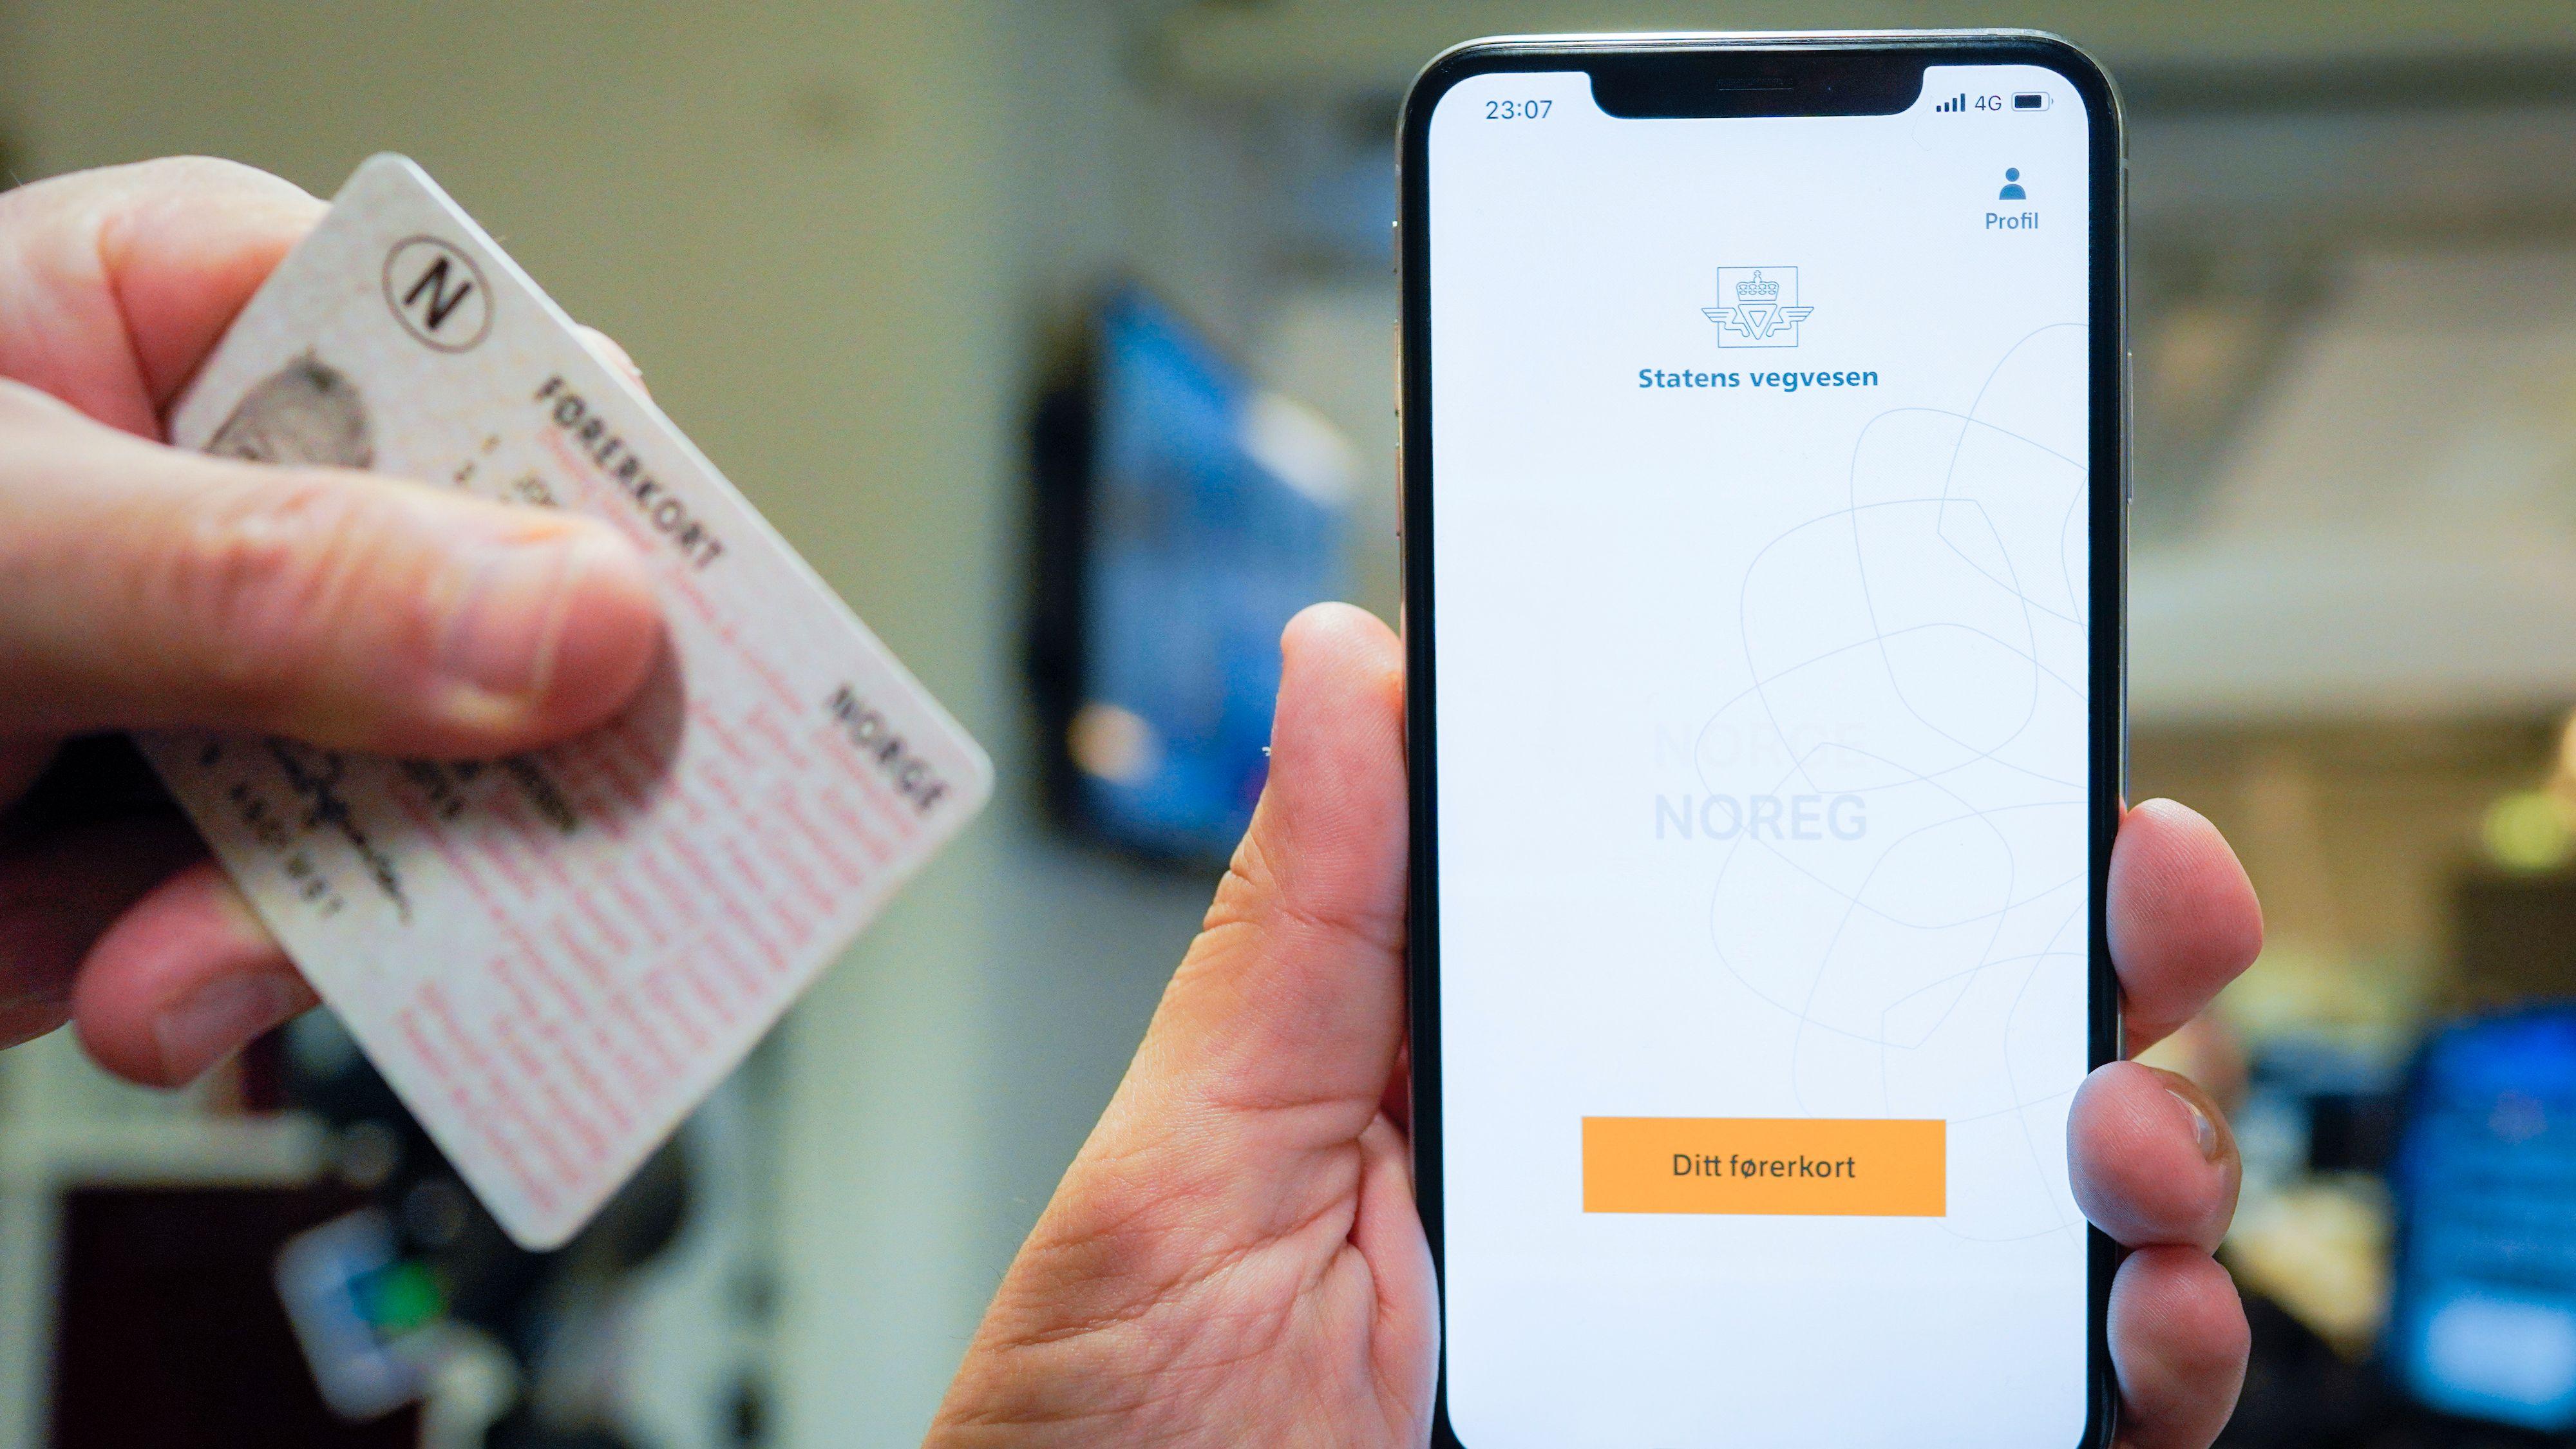 670.000 har lastet ned førerkort-appen